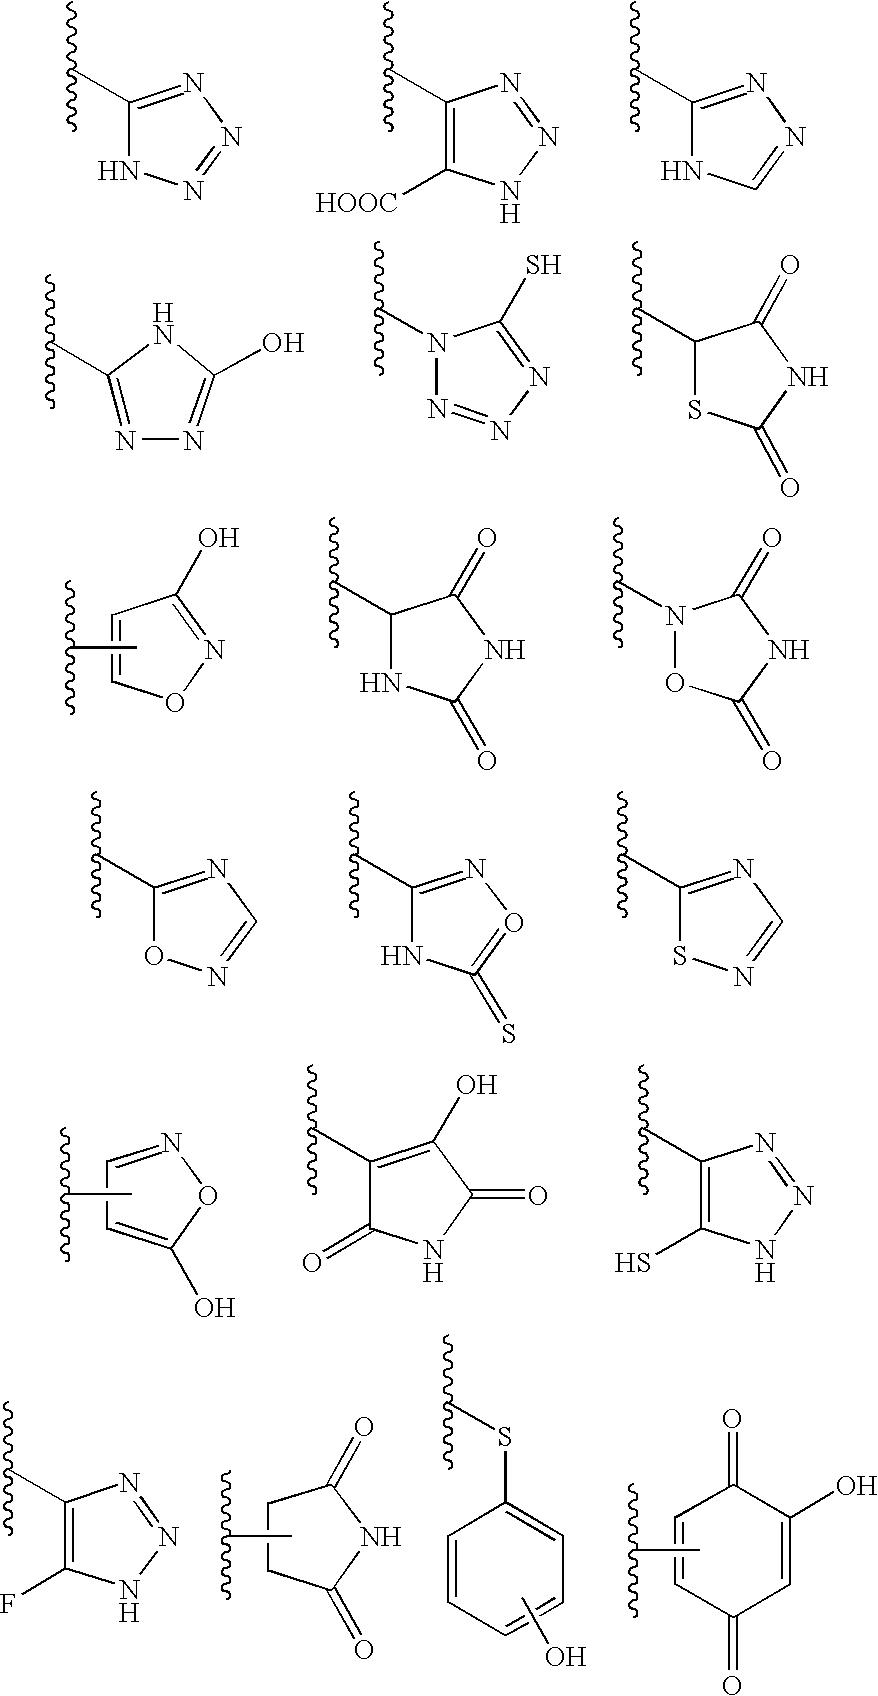 Figure US07253169-20070807-C00012